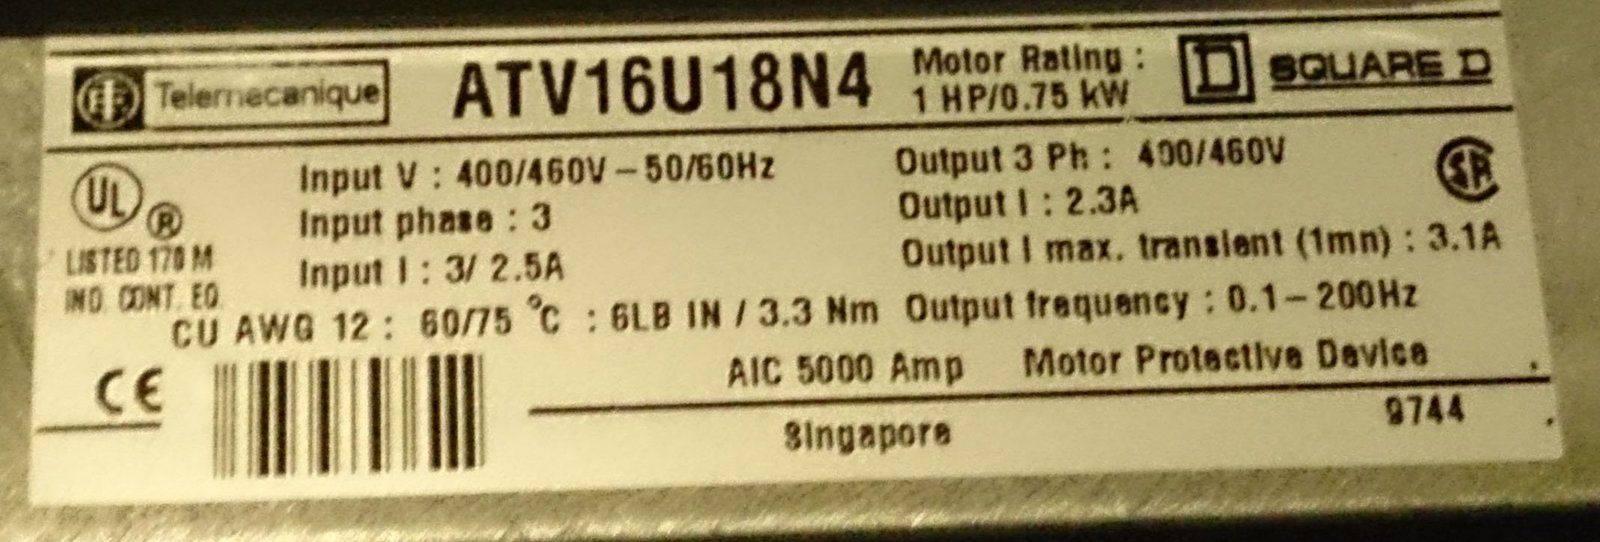 variateur02.JPG